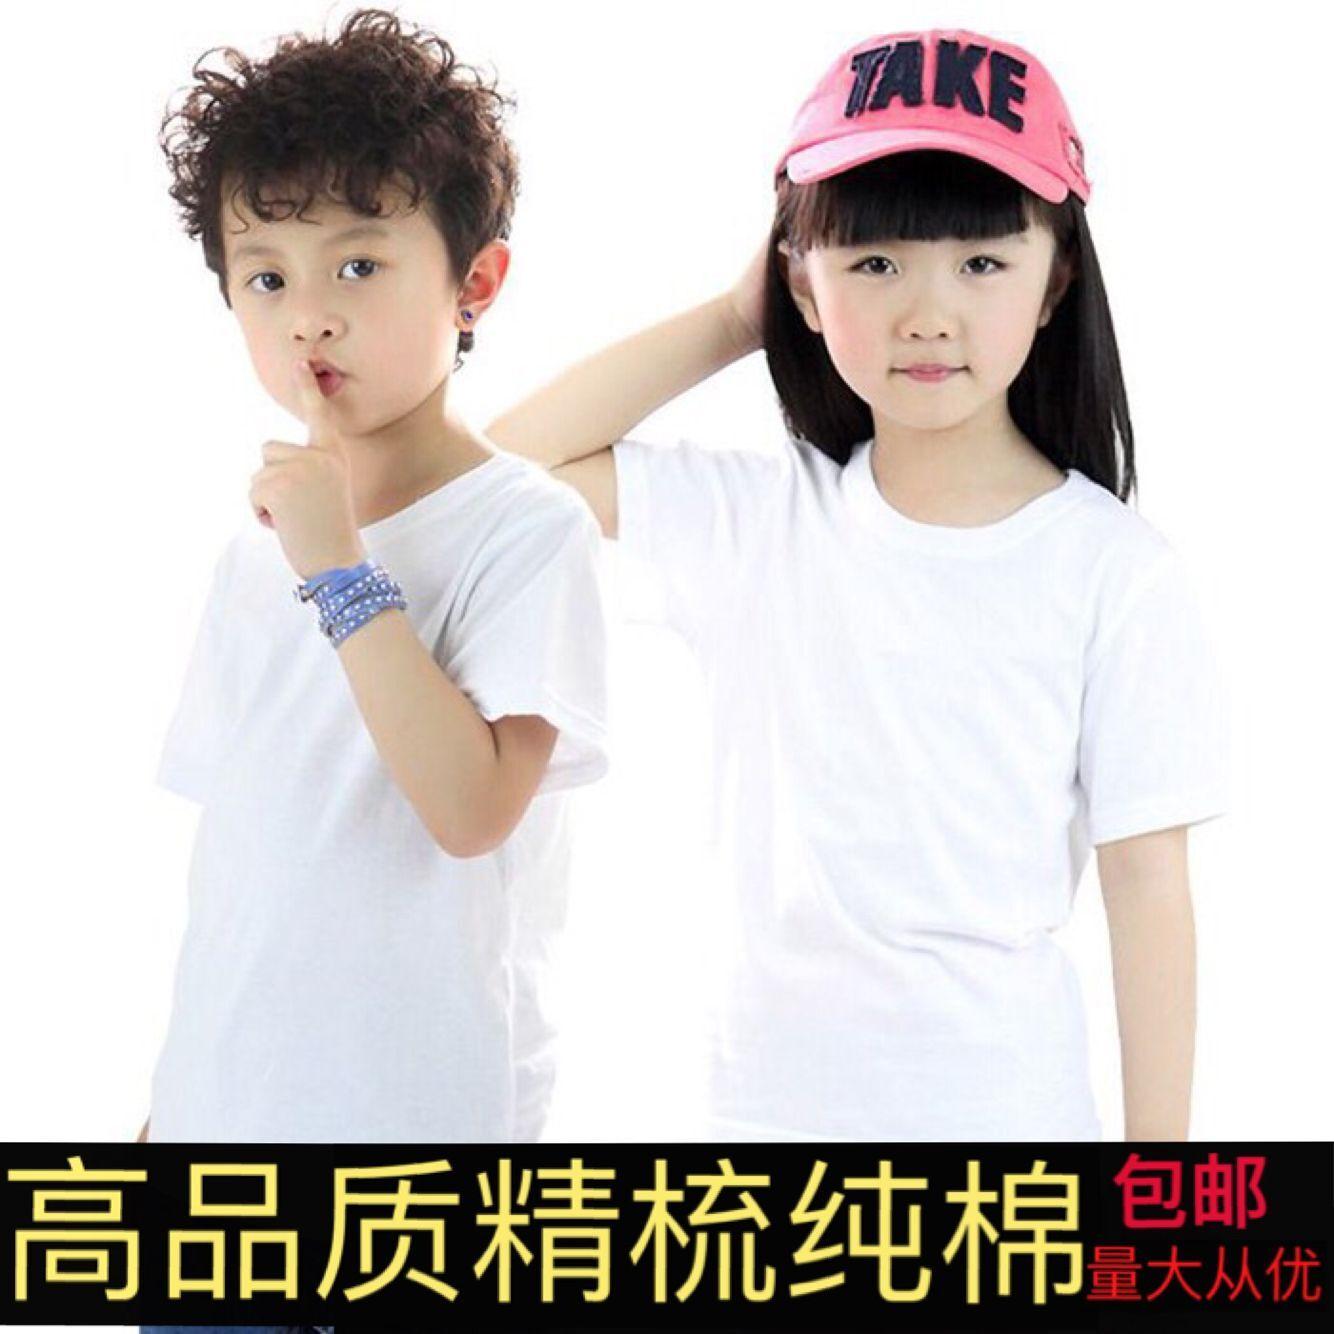 Tinh khiết bông trắng trẻ em của vòng cổ ngắn tay T-Shirt chàng trai và cô gái mặc tay sơn trống từ bi mẫu giáo quần áo